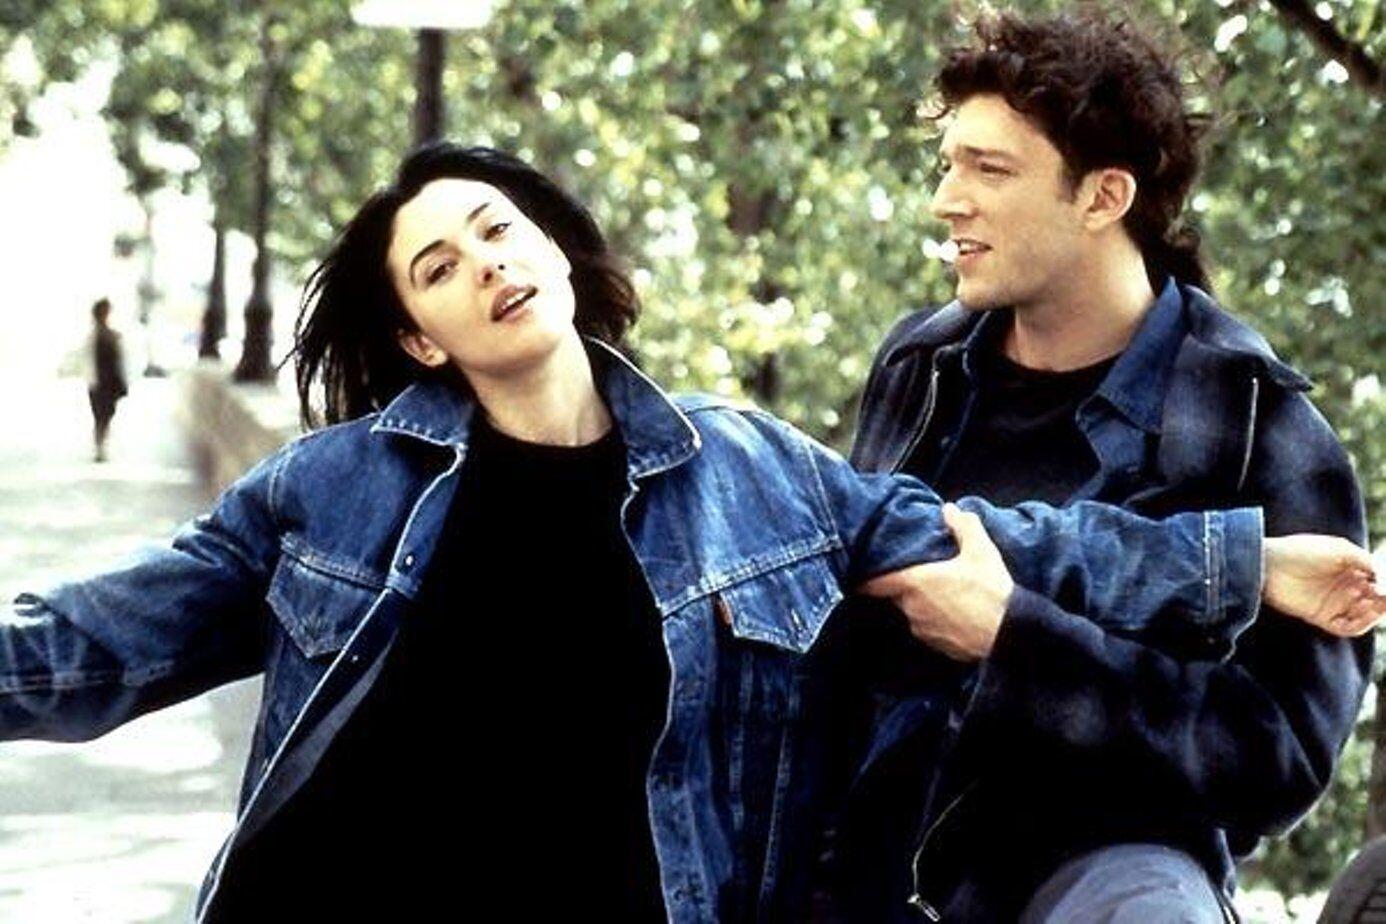 """Моника Беллуччи познакомилась со своим будущем мужем Венсаном Касселем на съемках фильма """"Квартира"""""""